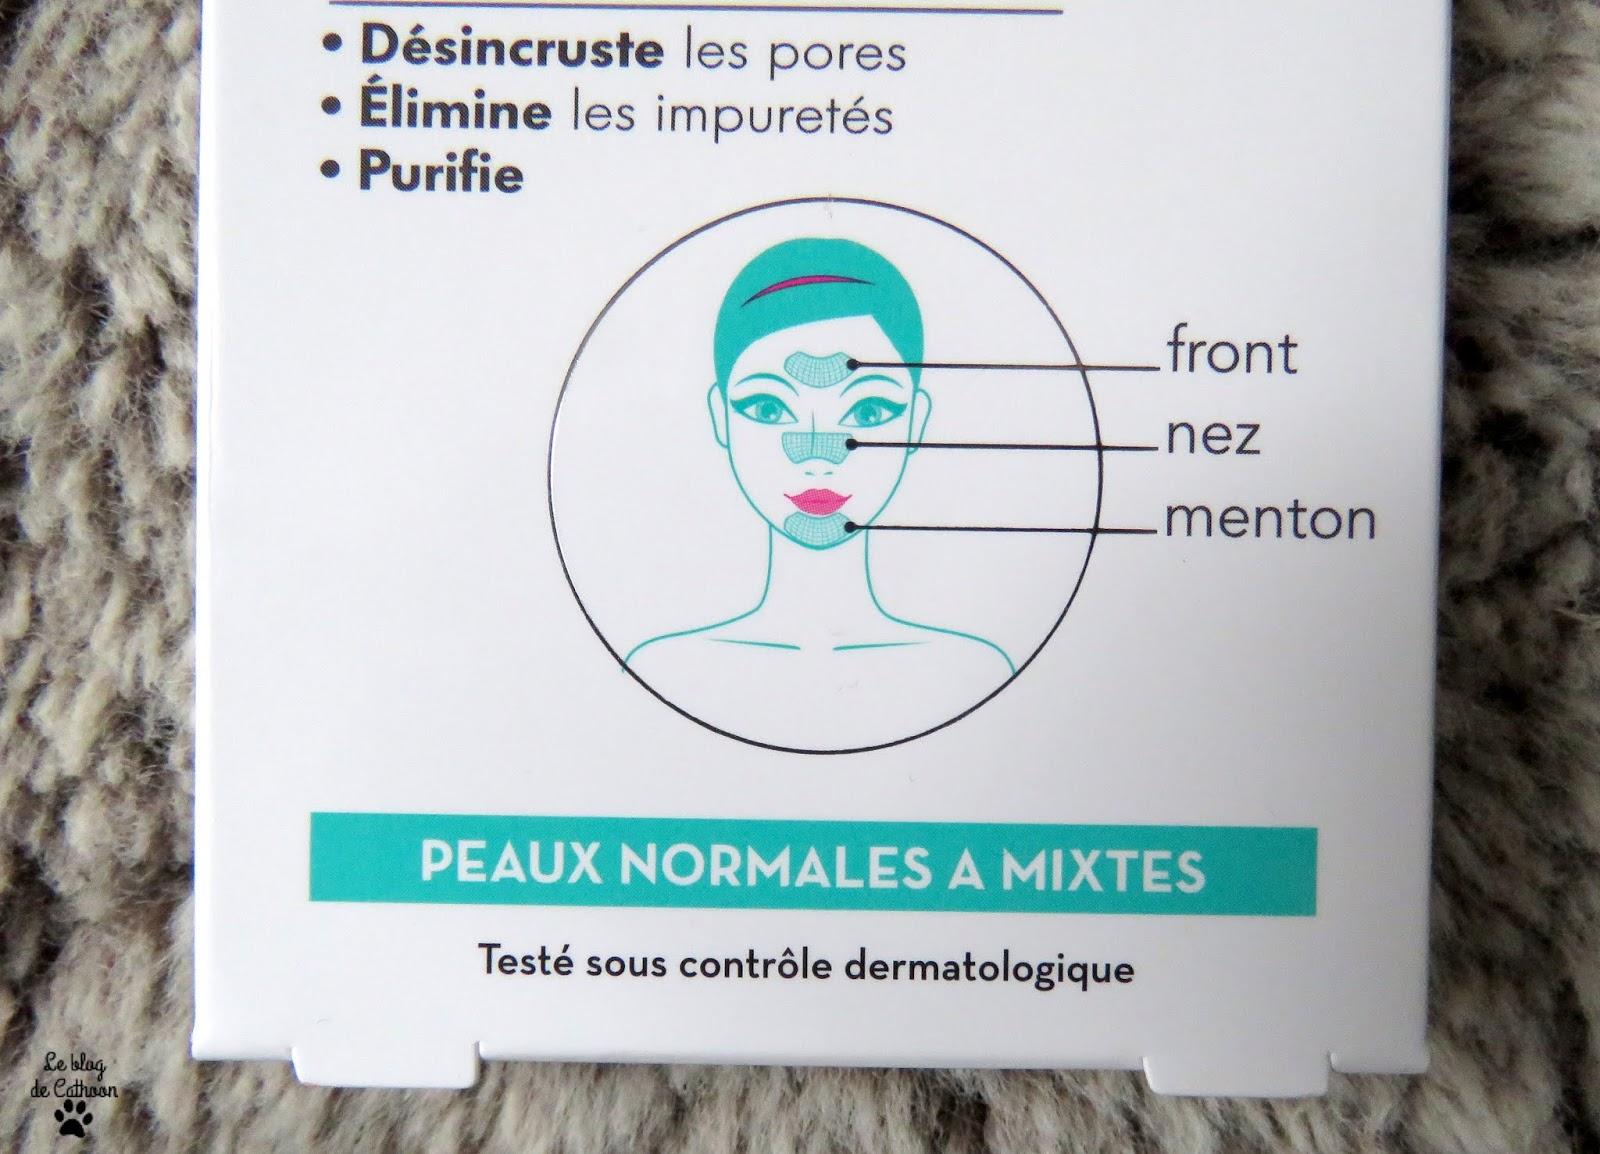 Patchs Purifiants Peau Nette Front / Nez / Menton Inell marque Leclerc